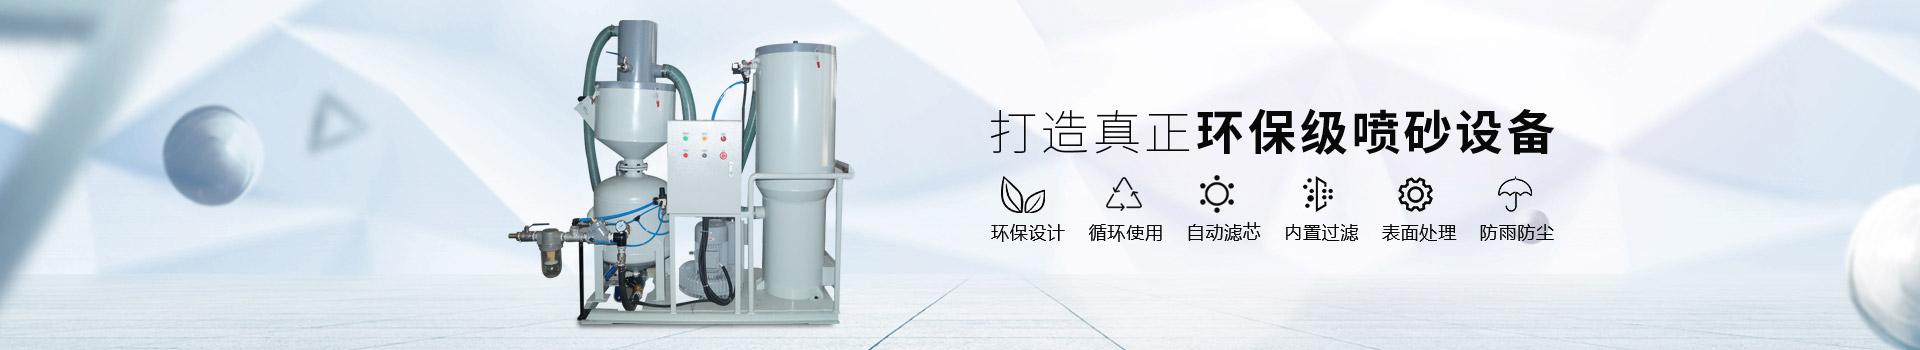 泰盛机械-打造真正环保级喷砂设备